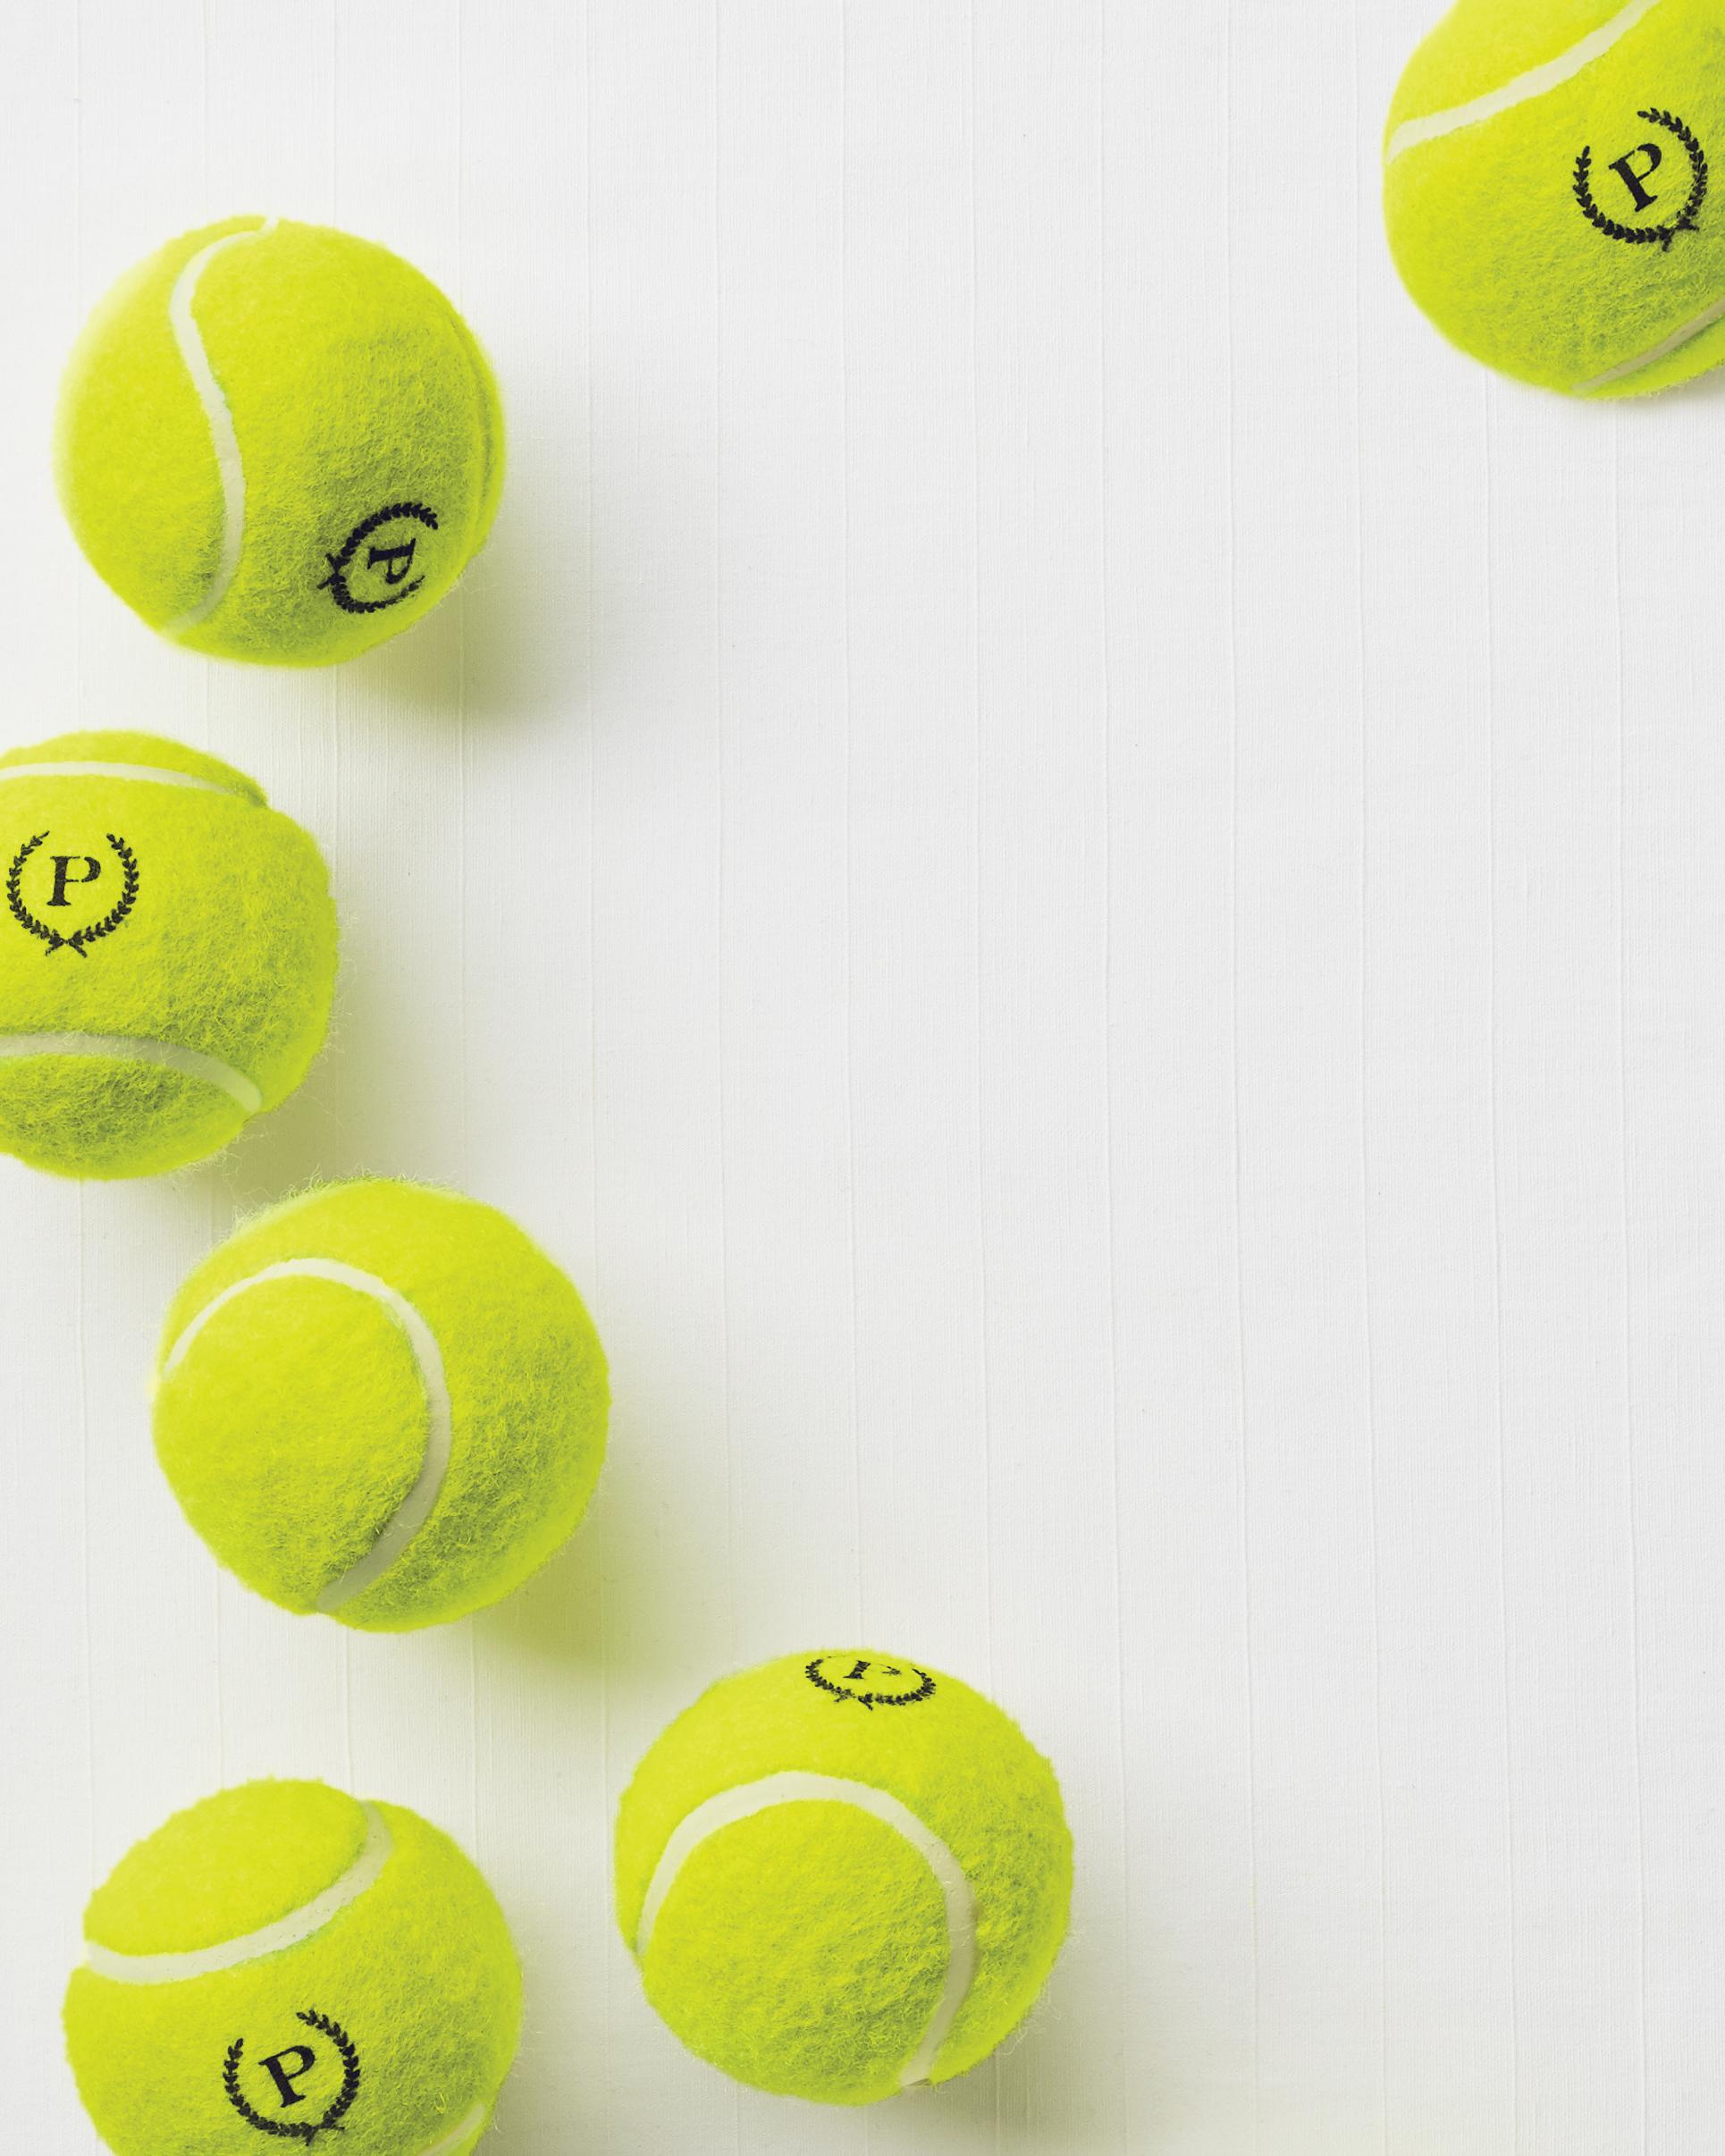 tennis-balls-crest-msw-05-23-13-opener-4295-comp-md110142.jpg